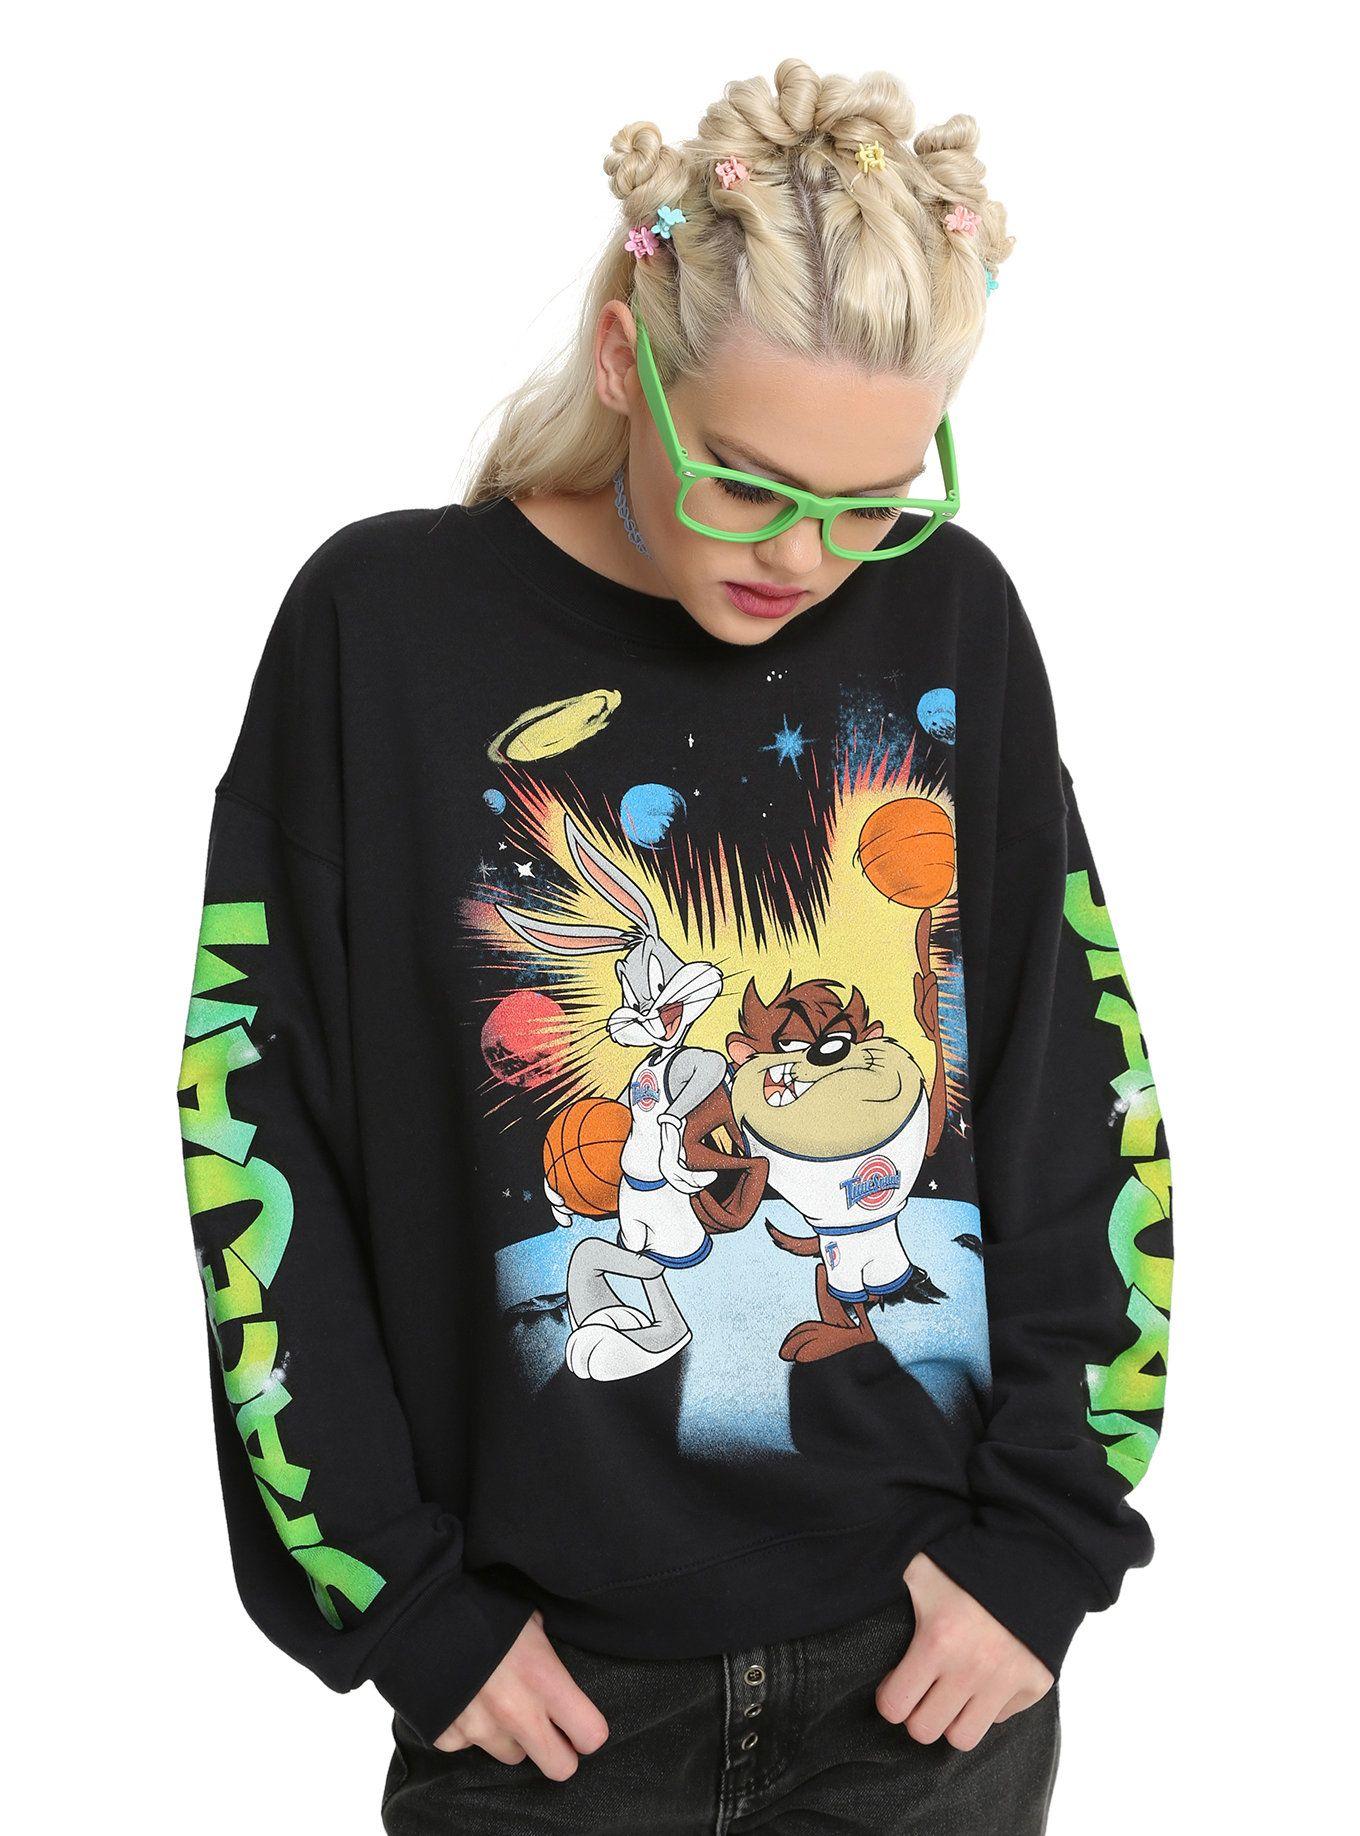 Space Jam Bugs Bunny Taz Girls Sweatshirt Girl Sweatshirts Space Jam Sweatshirts